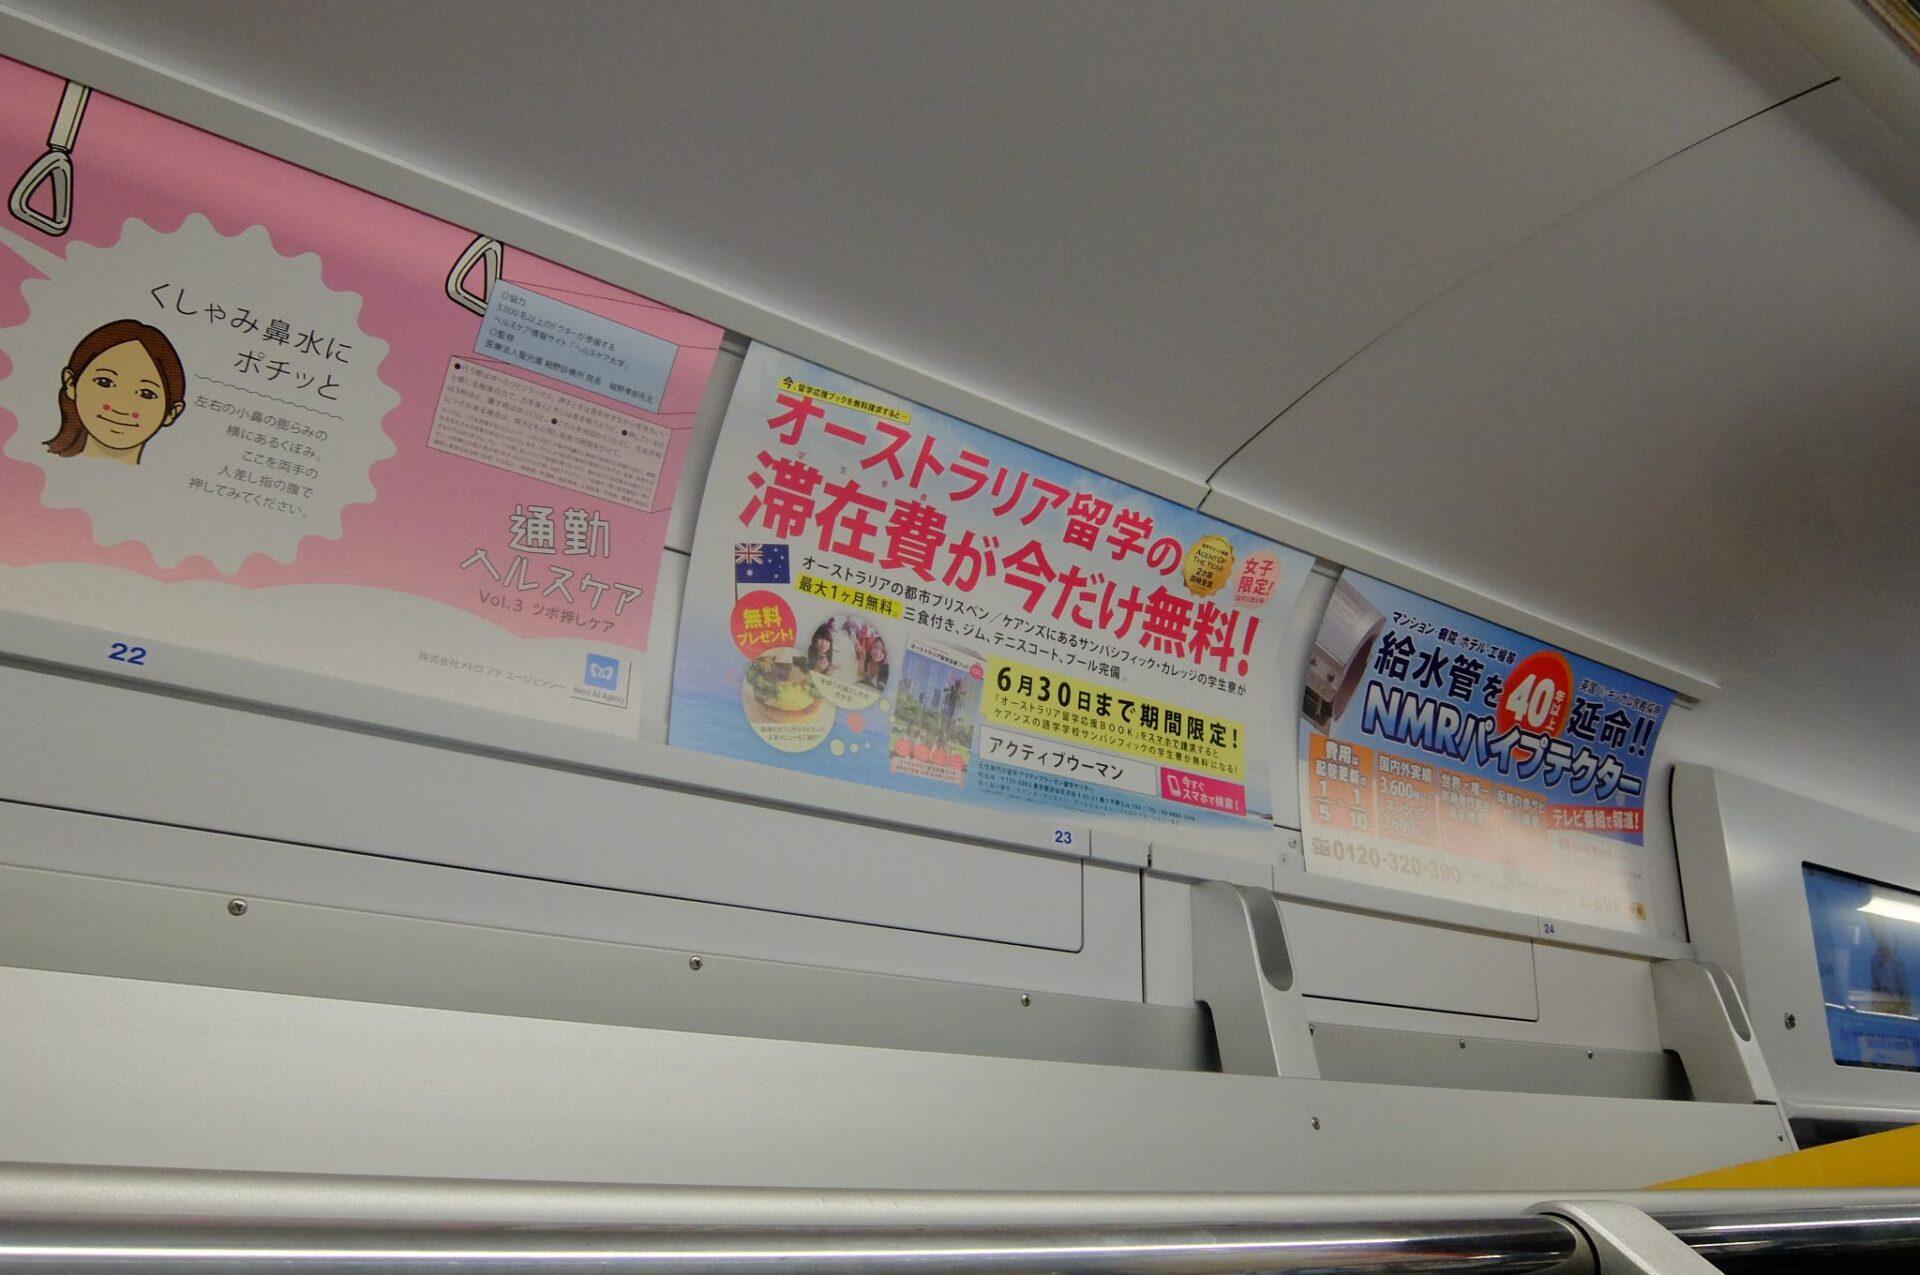 【メトロ】女性専用車まど上(電車広告の実績)